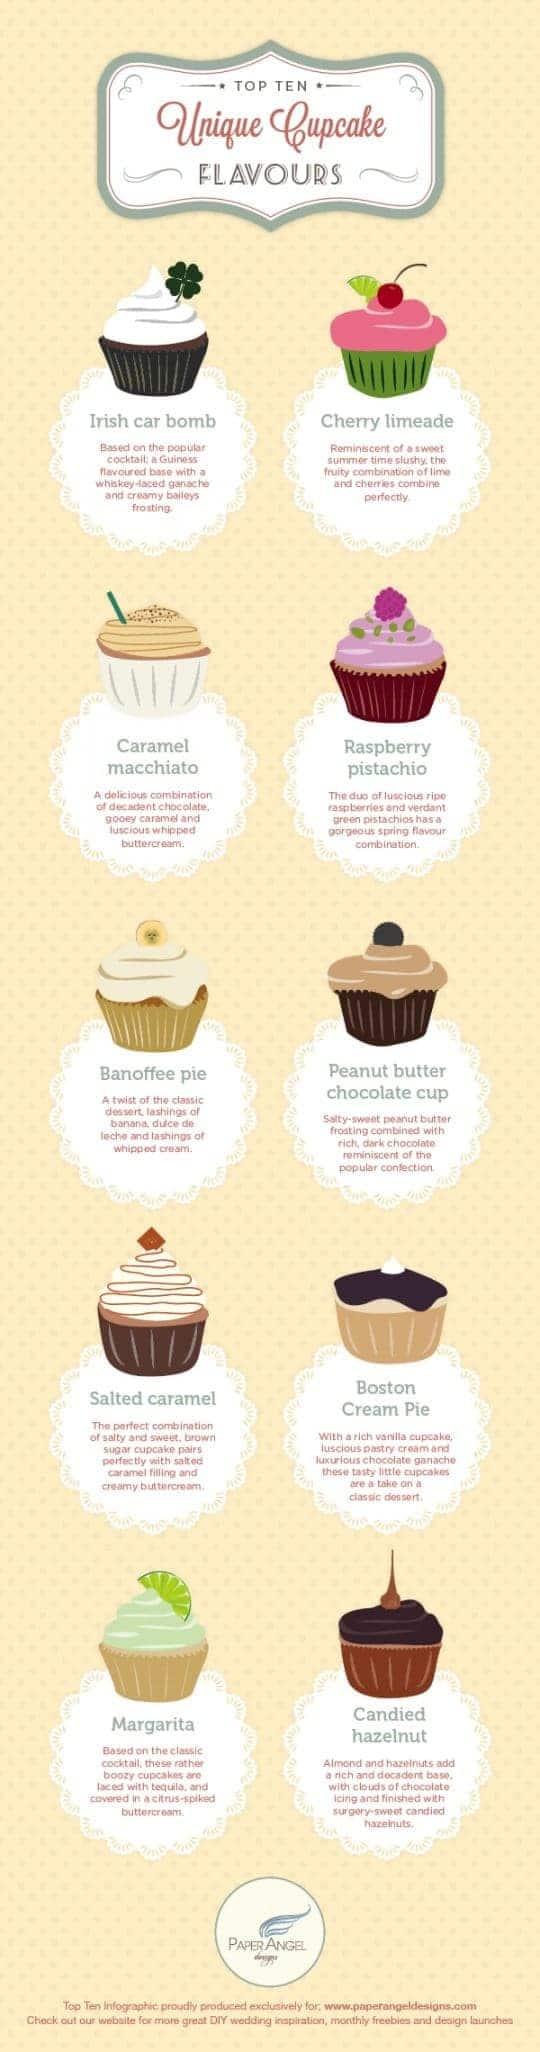 unique cupcake flavours